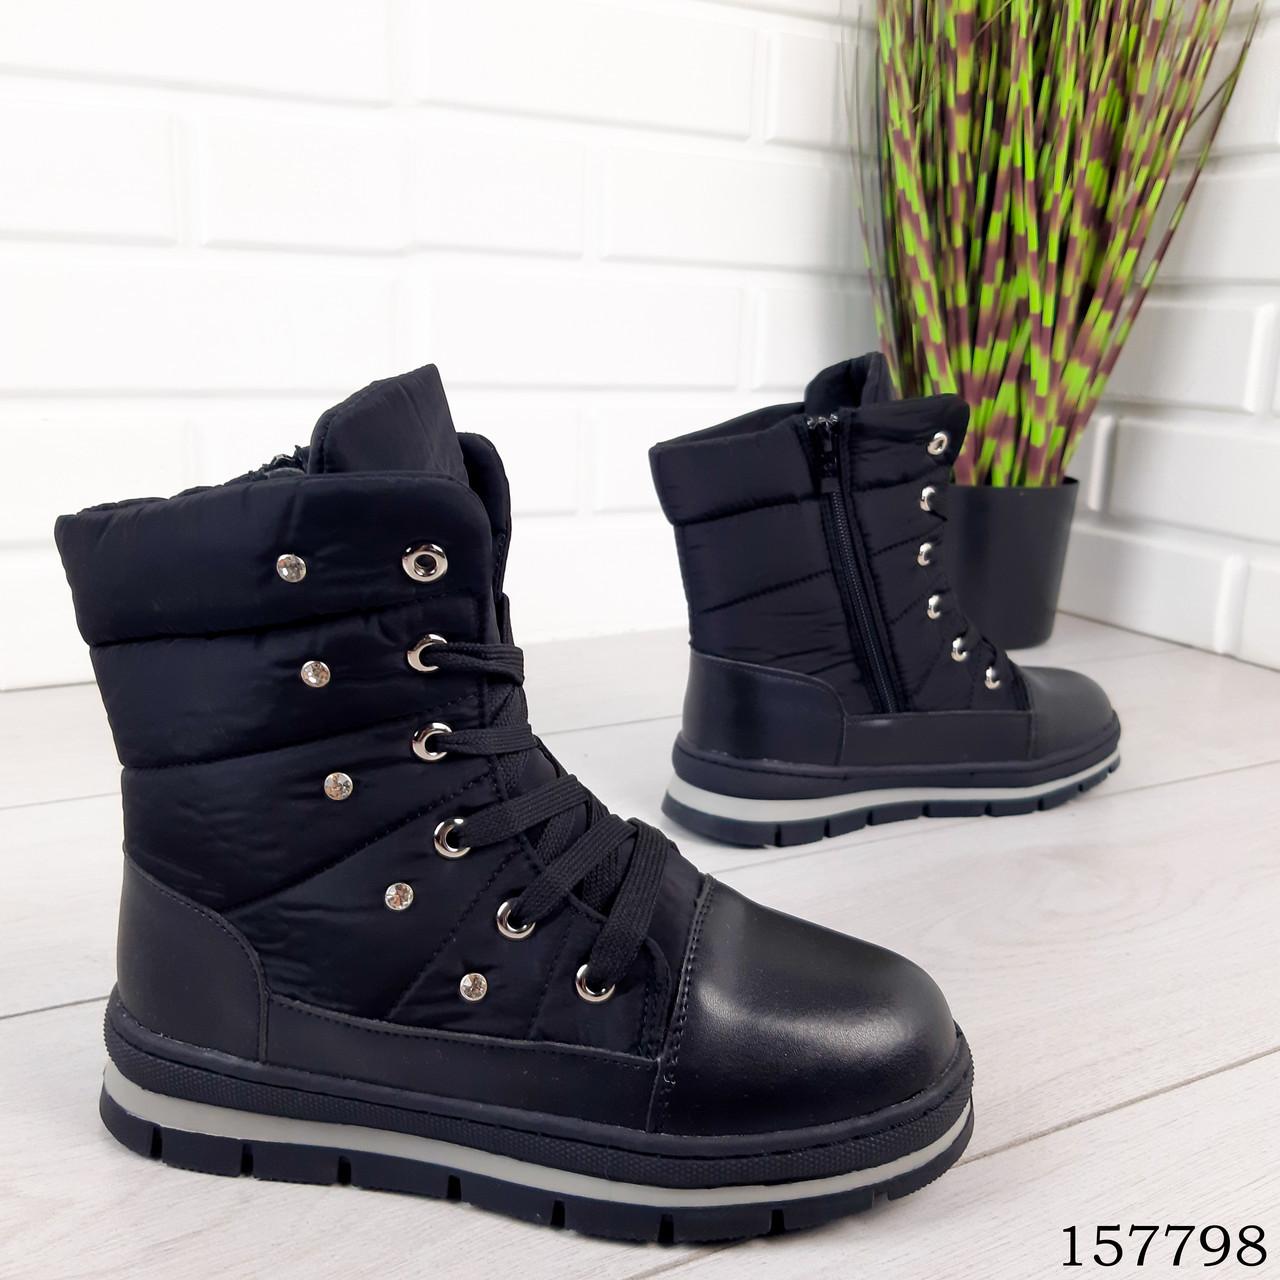 Детские, подростковые сапоги зимние на шнурках, черного цвета из эко кожи и плащевки, внутри теплый эко мех.